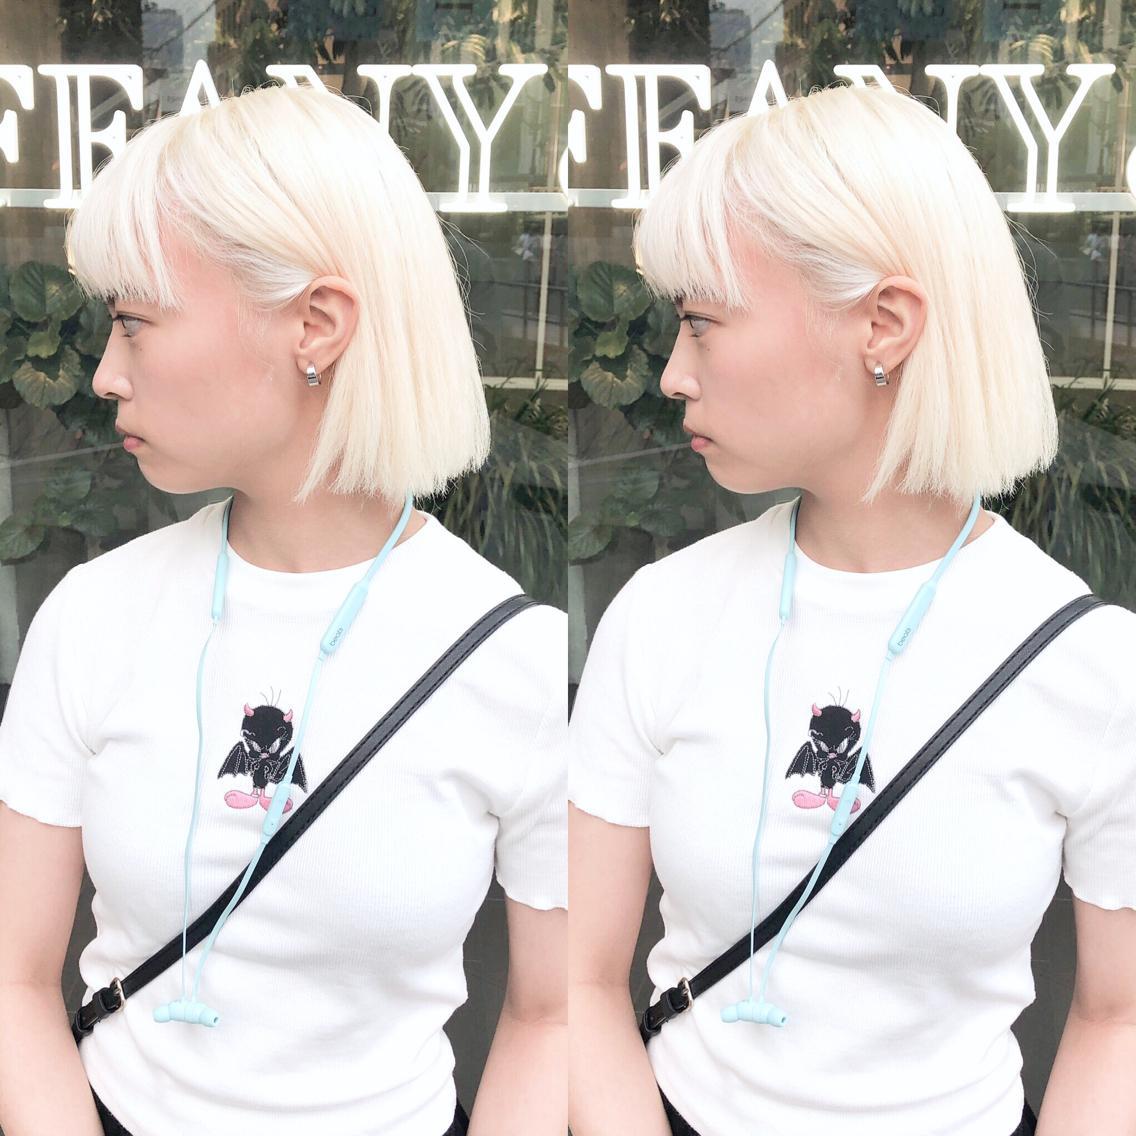 #ミディアム #カラー perfect White  ホワイトにしたい方は是非私に任せてください!  あなたのなりたいを全力で叶えます!  3〜5回ブリーチは必須です!  元々ダメージが強い方は1日では難しい場合もあるので 複数回に分けて長期計画でホワイトにするのがオススメです!!  minaではホワイトヘア用のヘアケアアイテムを多数ご用意がございますのでご自宅でのヘアケアも上手くできるようご説明致します!    ・perfect White・ ✳︎10800円〜✳︎ ✳︎minaでブリーチ3〜5回出来れば綺麗なホワイトヘアを作れます👻 ✳︎ ✳︎ダメージが強いとブリーチが出来ない場合もあるのでご了承ください ✳︎ムラシャンはエンシェールズのシャンプーを薄めて使うのがオススメ🧖🏻♀️ ✳︎ ✳︎黒染めや縮毛、デジパをしていなくてダメージがひどくなければおおよそ4〜5回ブリーチで出来ます🦄✳︎ 最後まで可愛く仕上げます🇰🇷 ✳︎ お店の近くにあるティファニーカフェで映えな写真もプレゼントします🦄 ✳︎ ✳︎黒染め履歴、ダメージが強い方はでホワイトにはならないです💦  #原宿#ハイトーンカラー#シルバーカラー#ヘアカラー#ネイビーカラー#ホワイトカラー#ブロンドヘアー#アッシュ#ケアブリーチ#ブロンドカラー#派手髪#ラベンダーカラー#ミルクティーカラー#アッシュ#ミルクティーベージュ#ブルージュ#グレージュ#ピンクカラー#インナーカラー#ハイライトカラー#グラデーションカラー#bts#seventeen#twice ✳︎ ✳︎ ✳︎